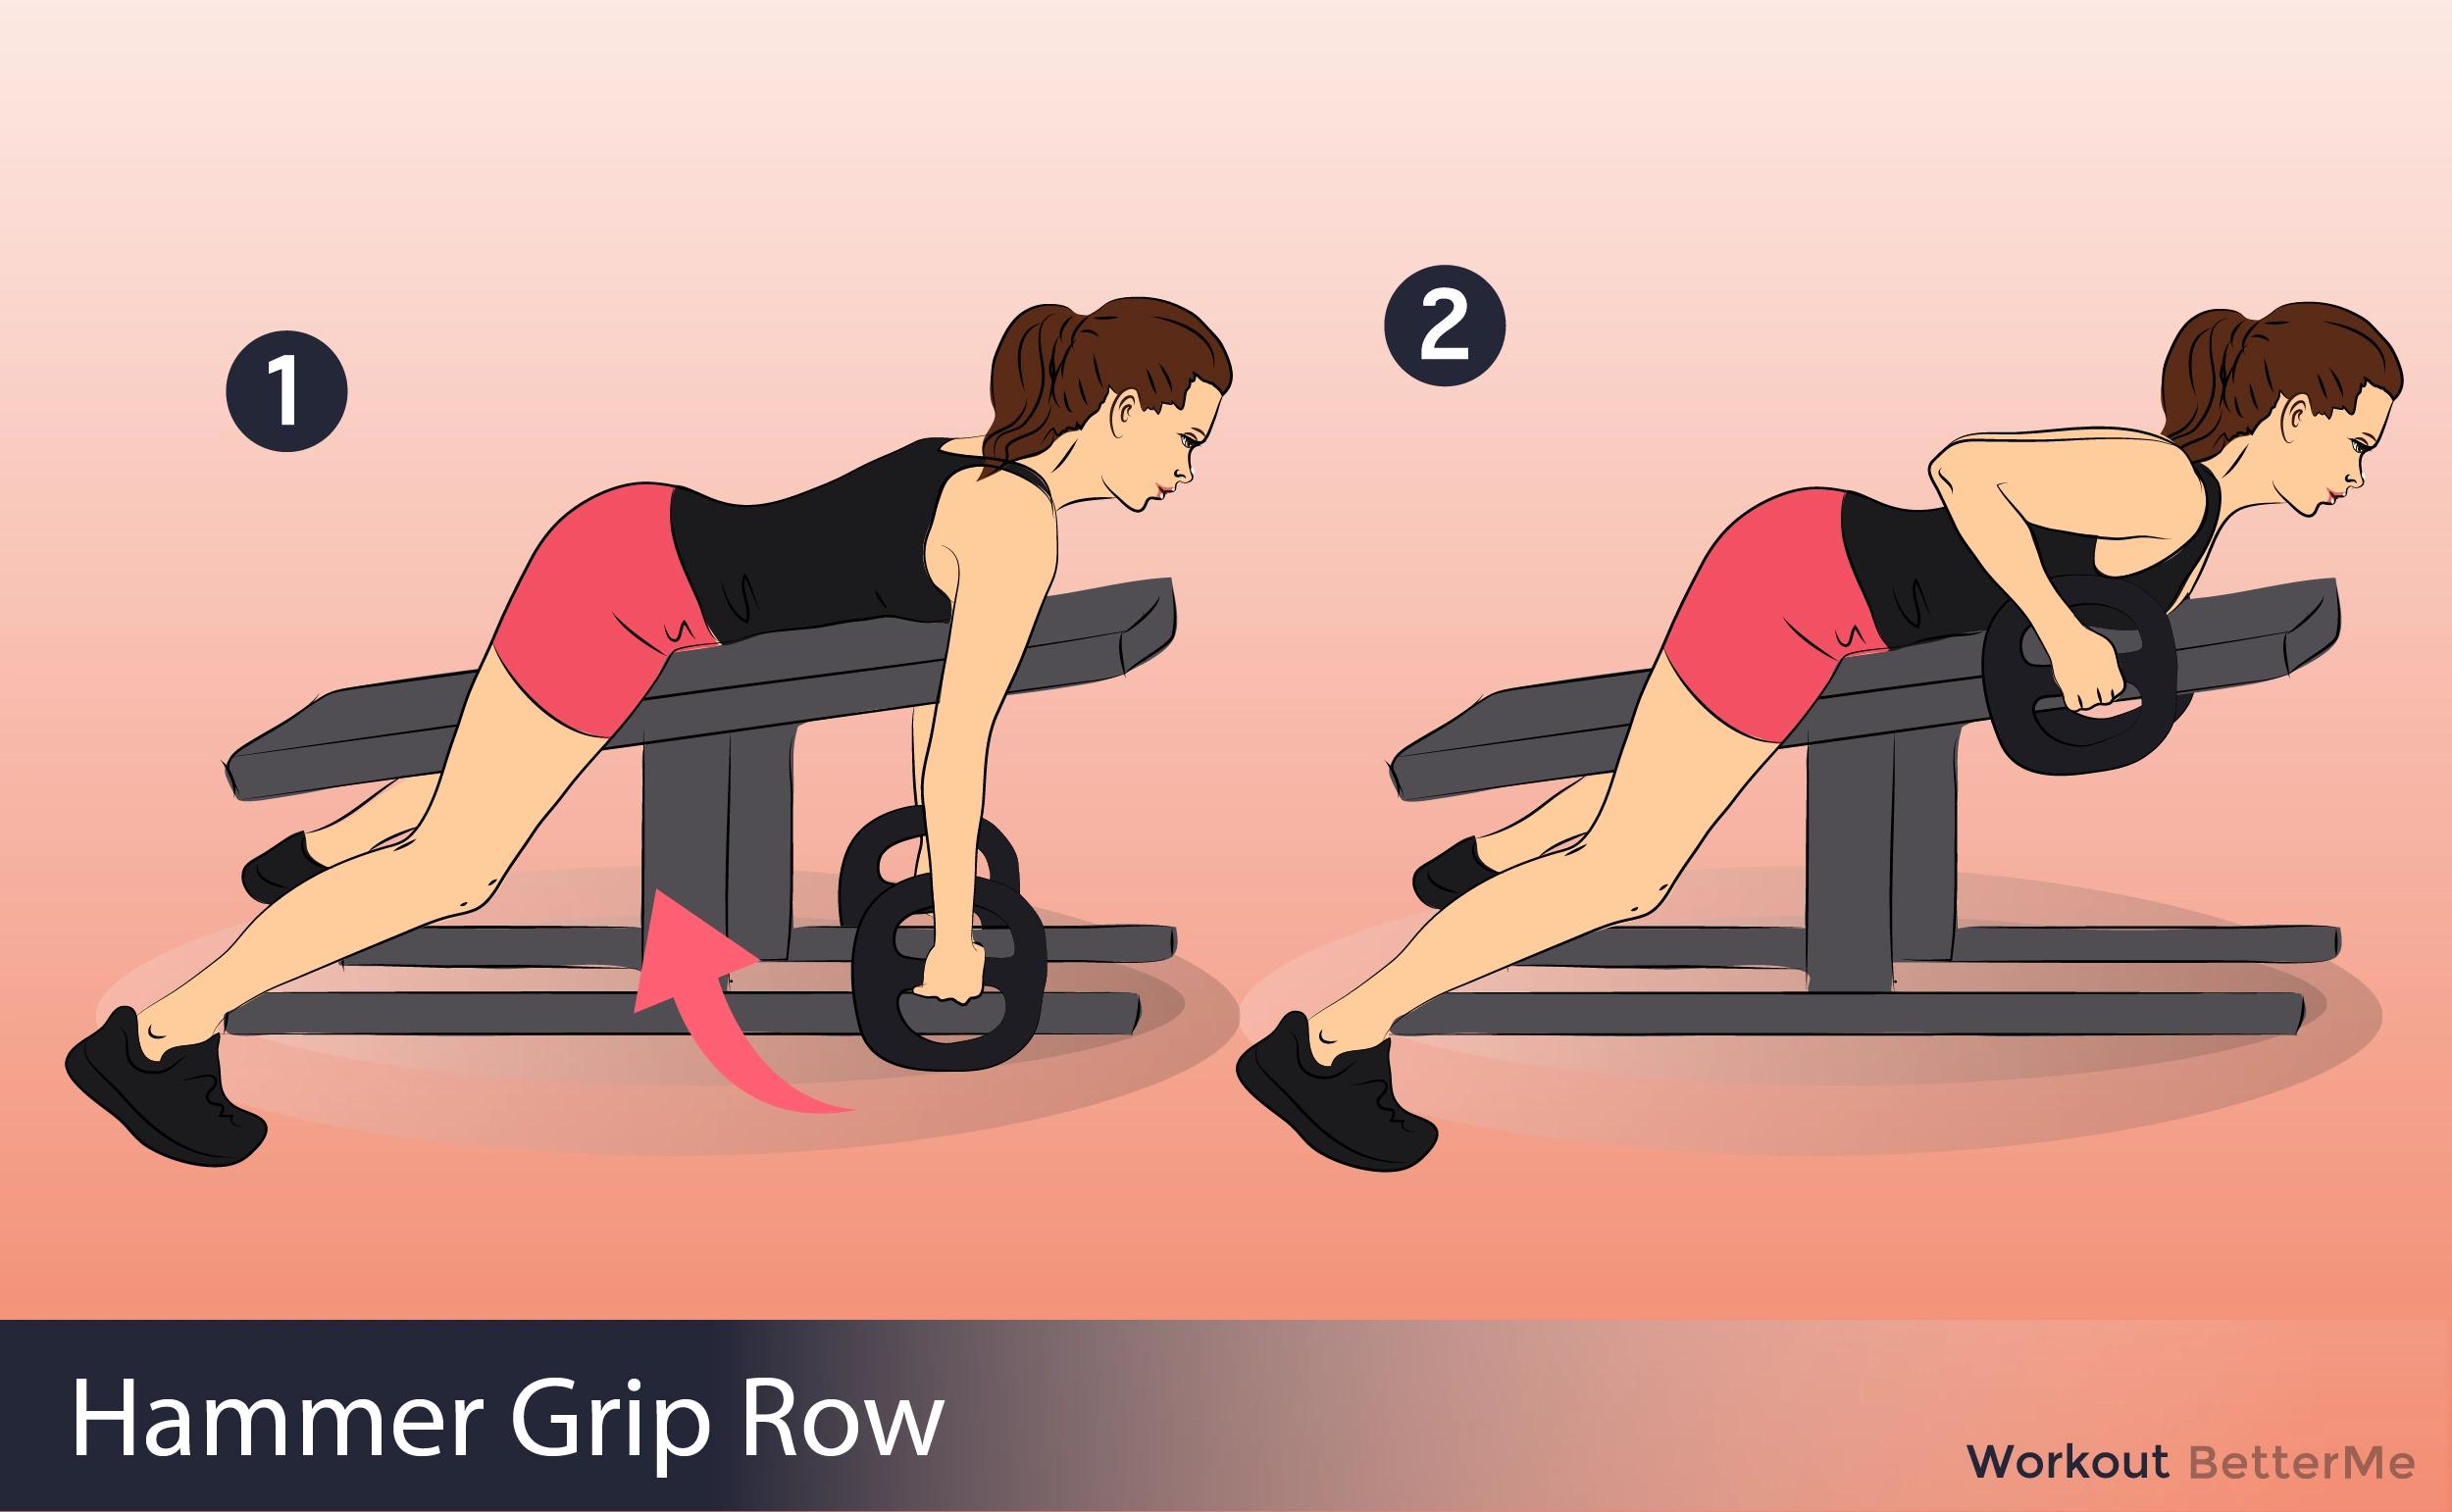 Boob exercises to help